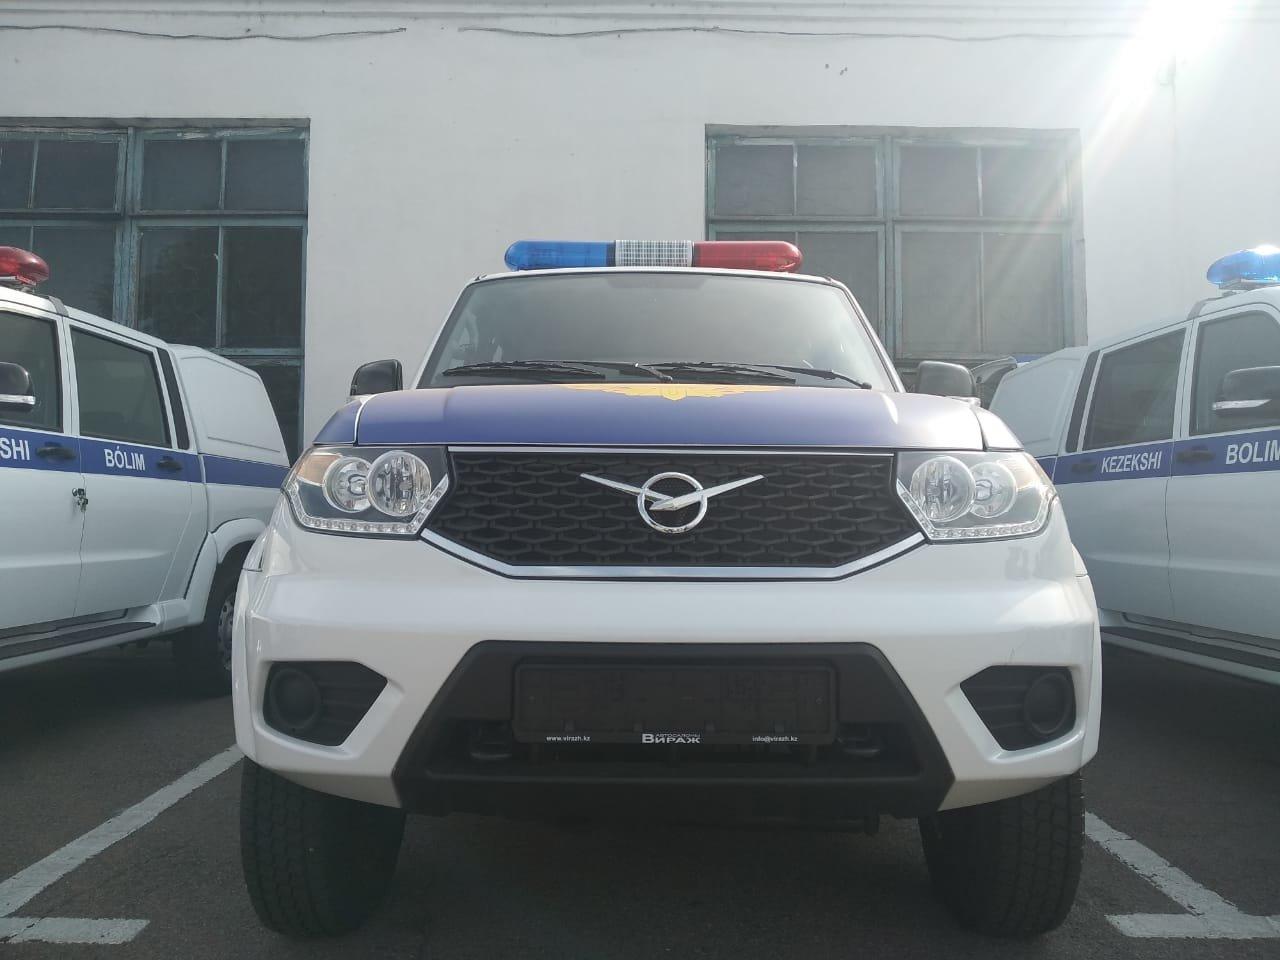 Дежурные части Алматы получили новые авто – кузов зимой отапливается, фото-6